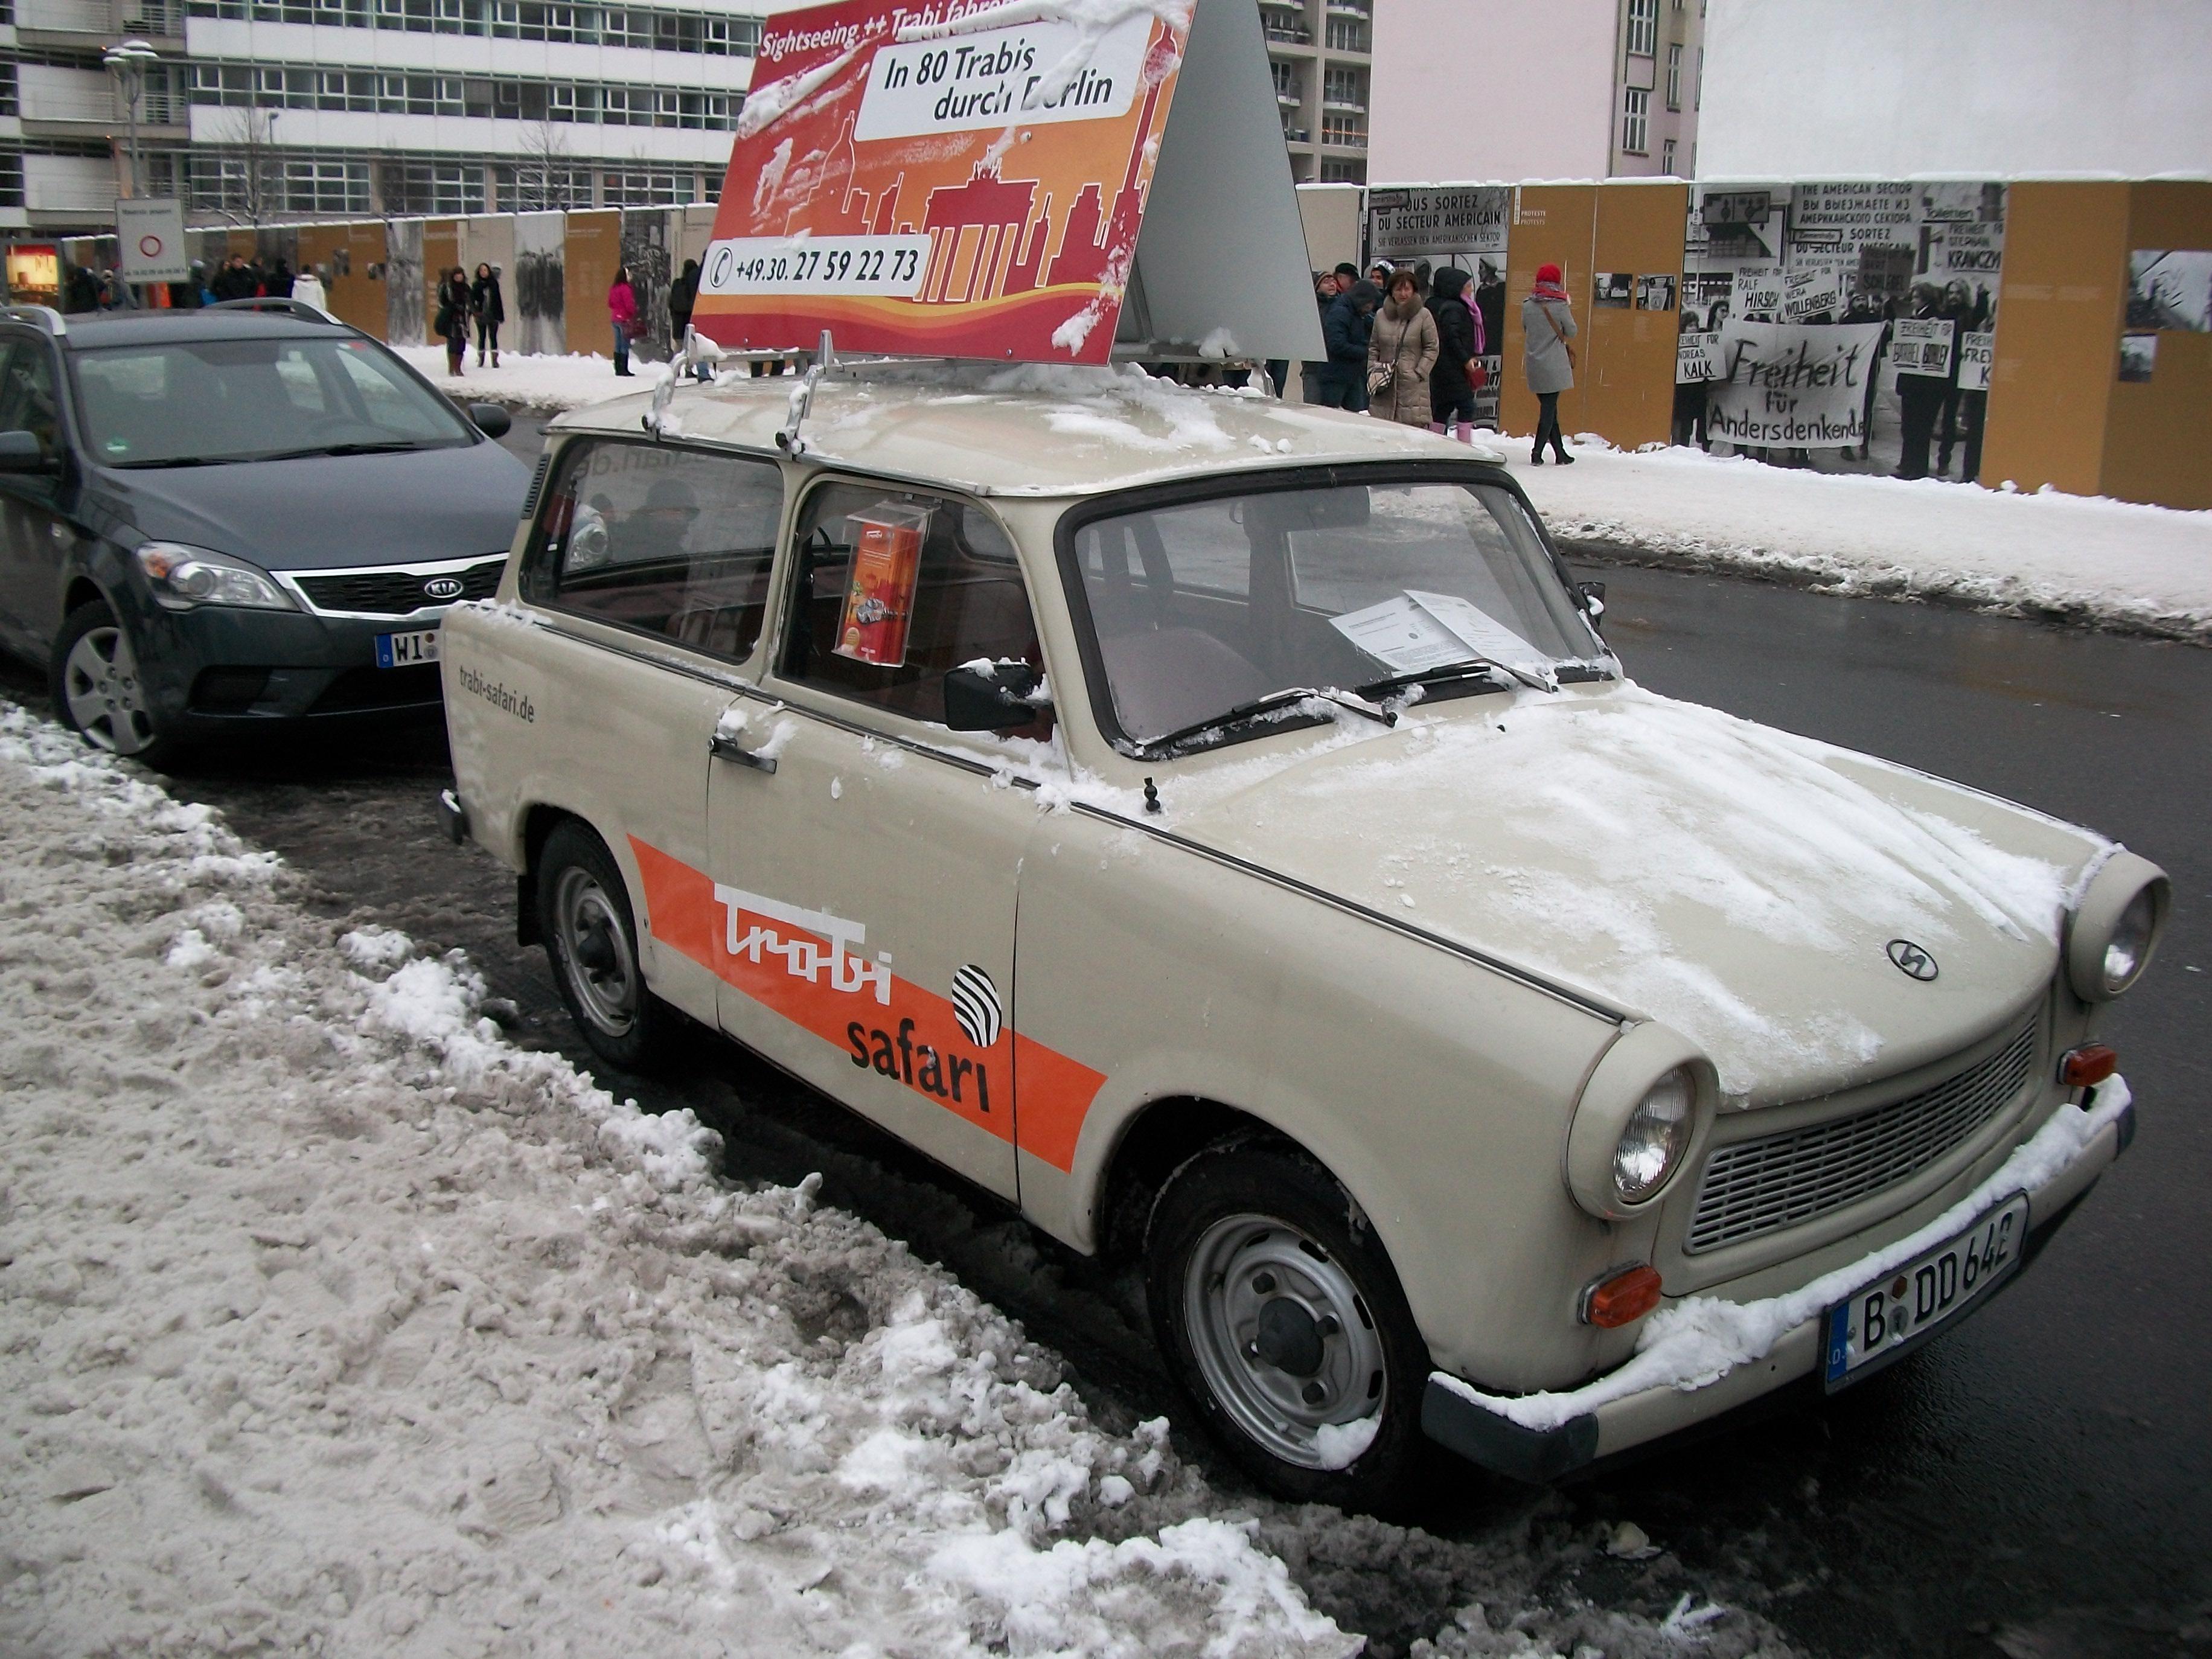 File:Trabi Safari car....